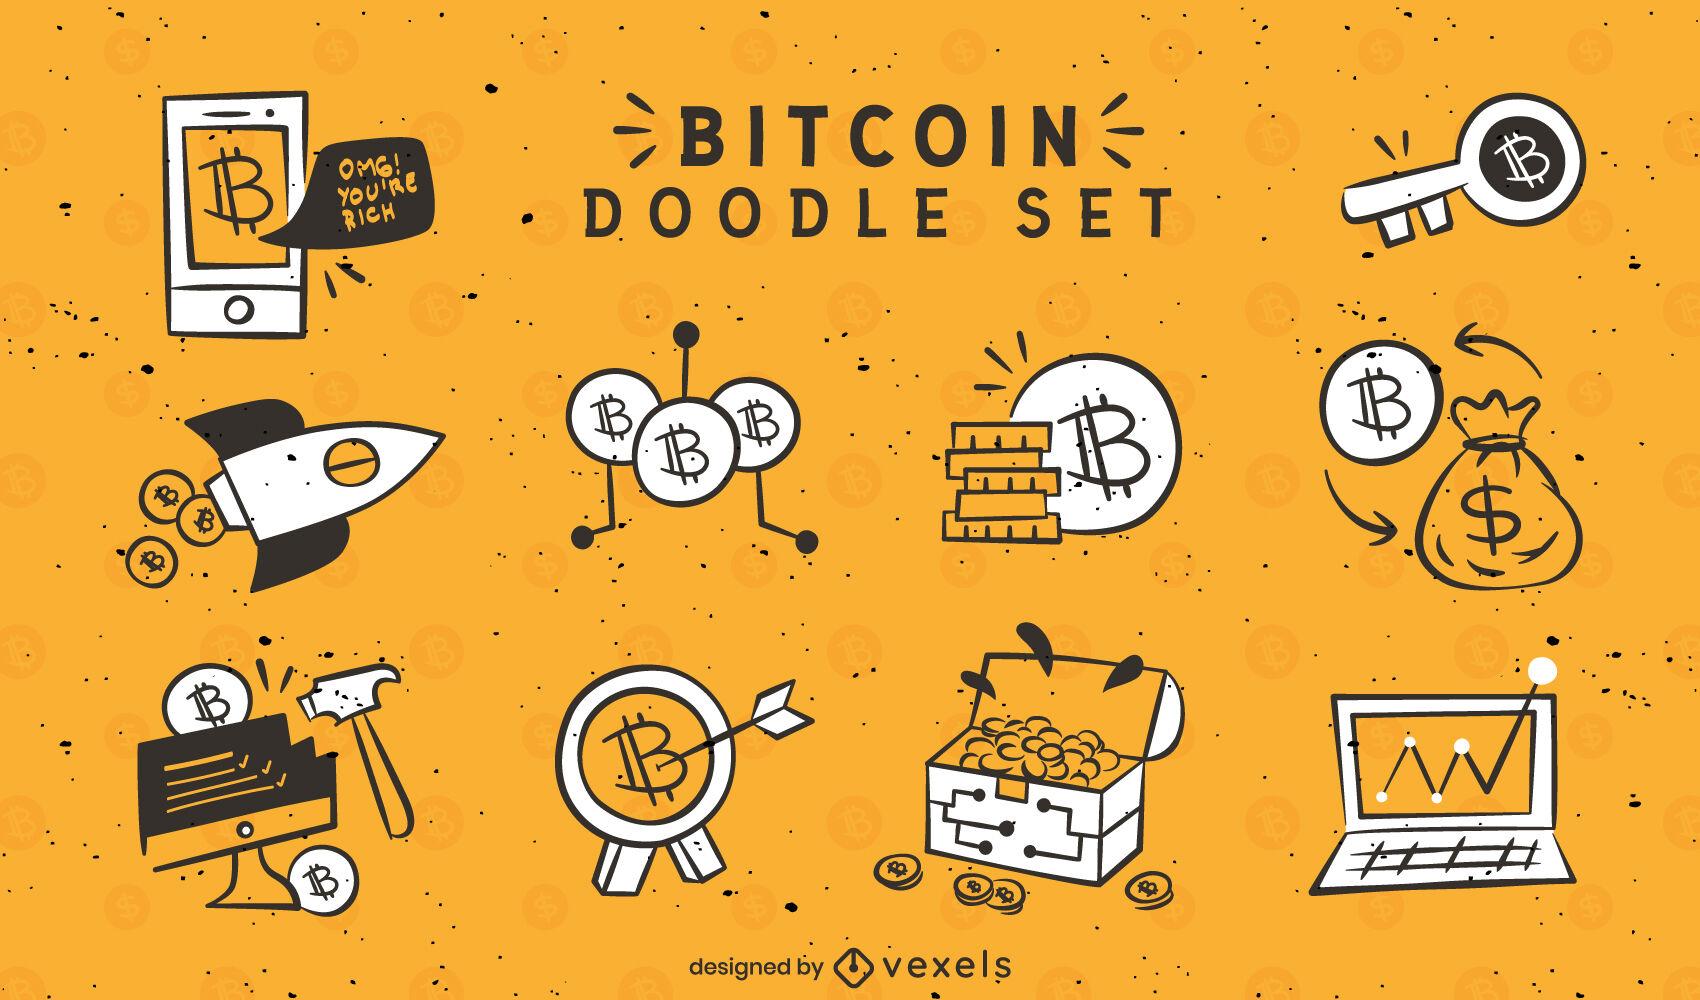 Bitcoin-Doodle-Set von Elementen